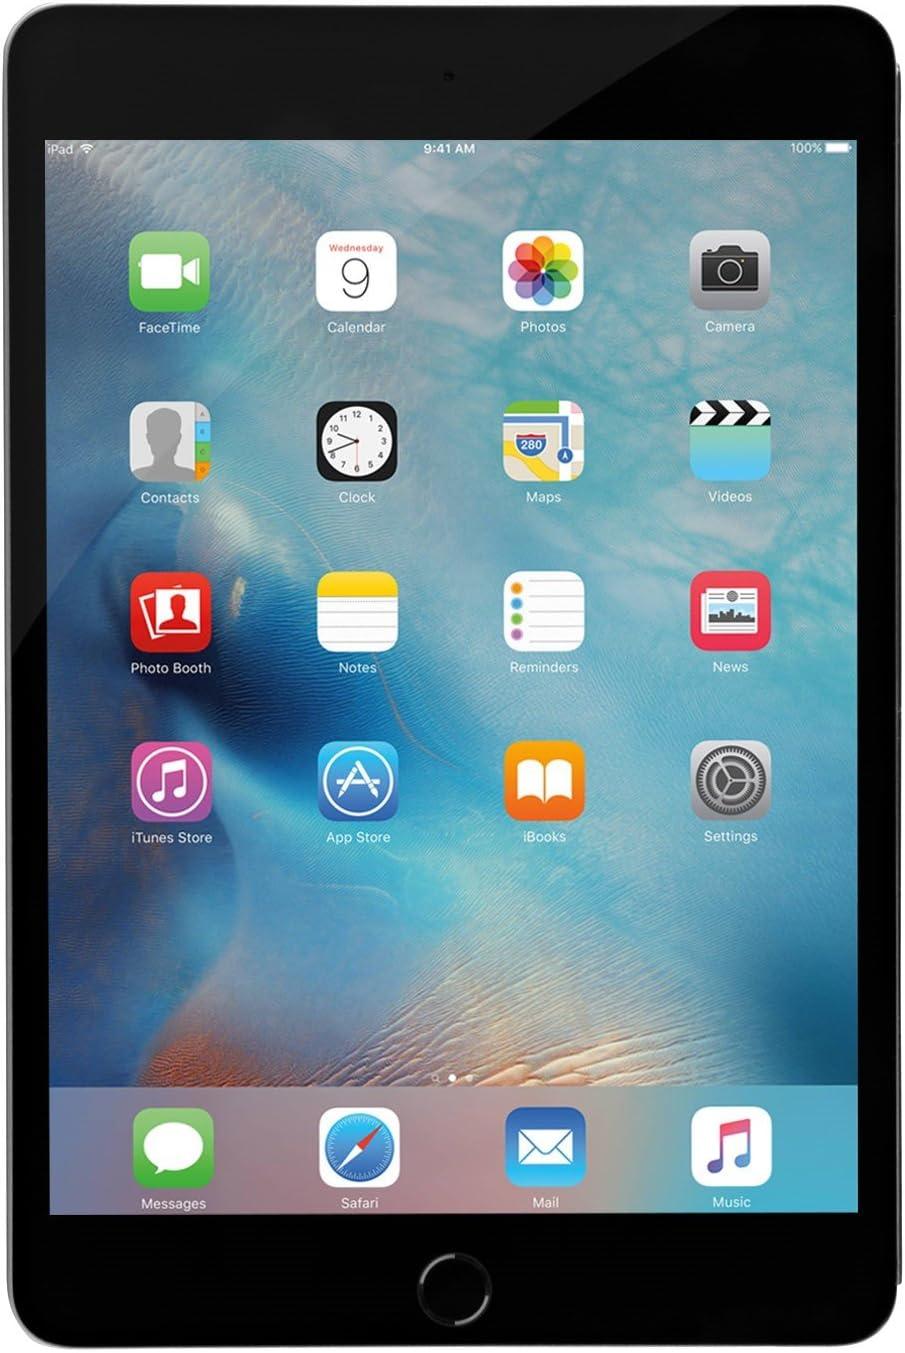 Apple iPad Mini 4, 64GB, Space Gray - WiFi (Renewed)